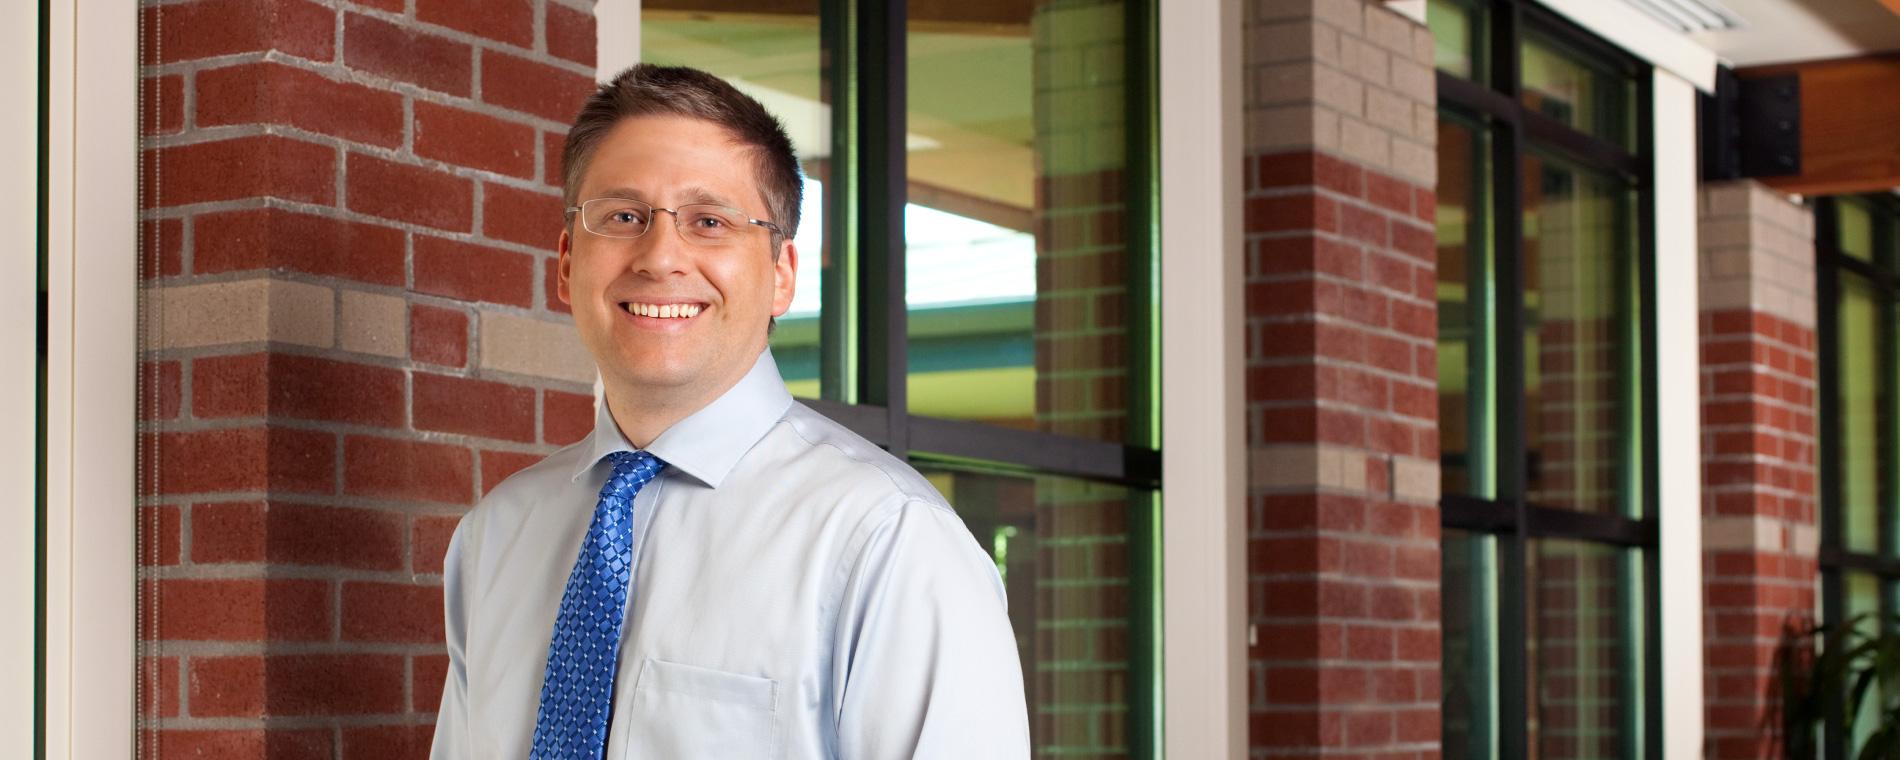 Thomas C. Sroka, MD, PhD